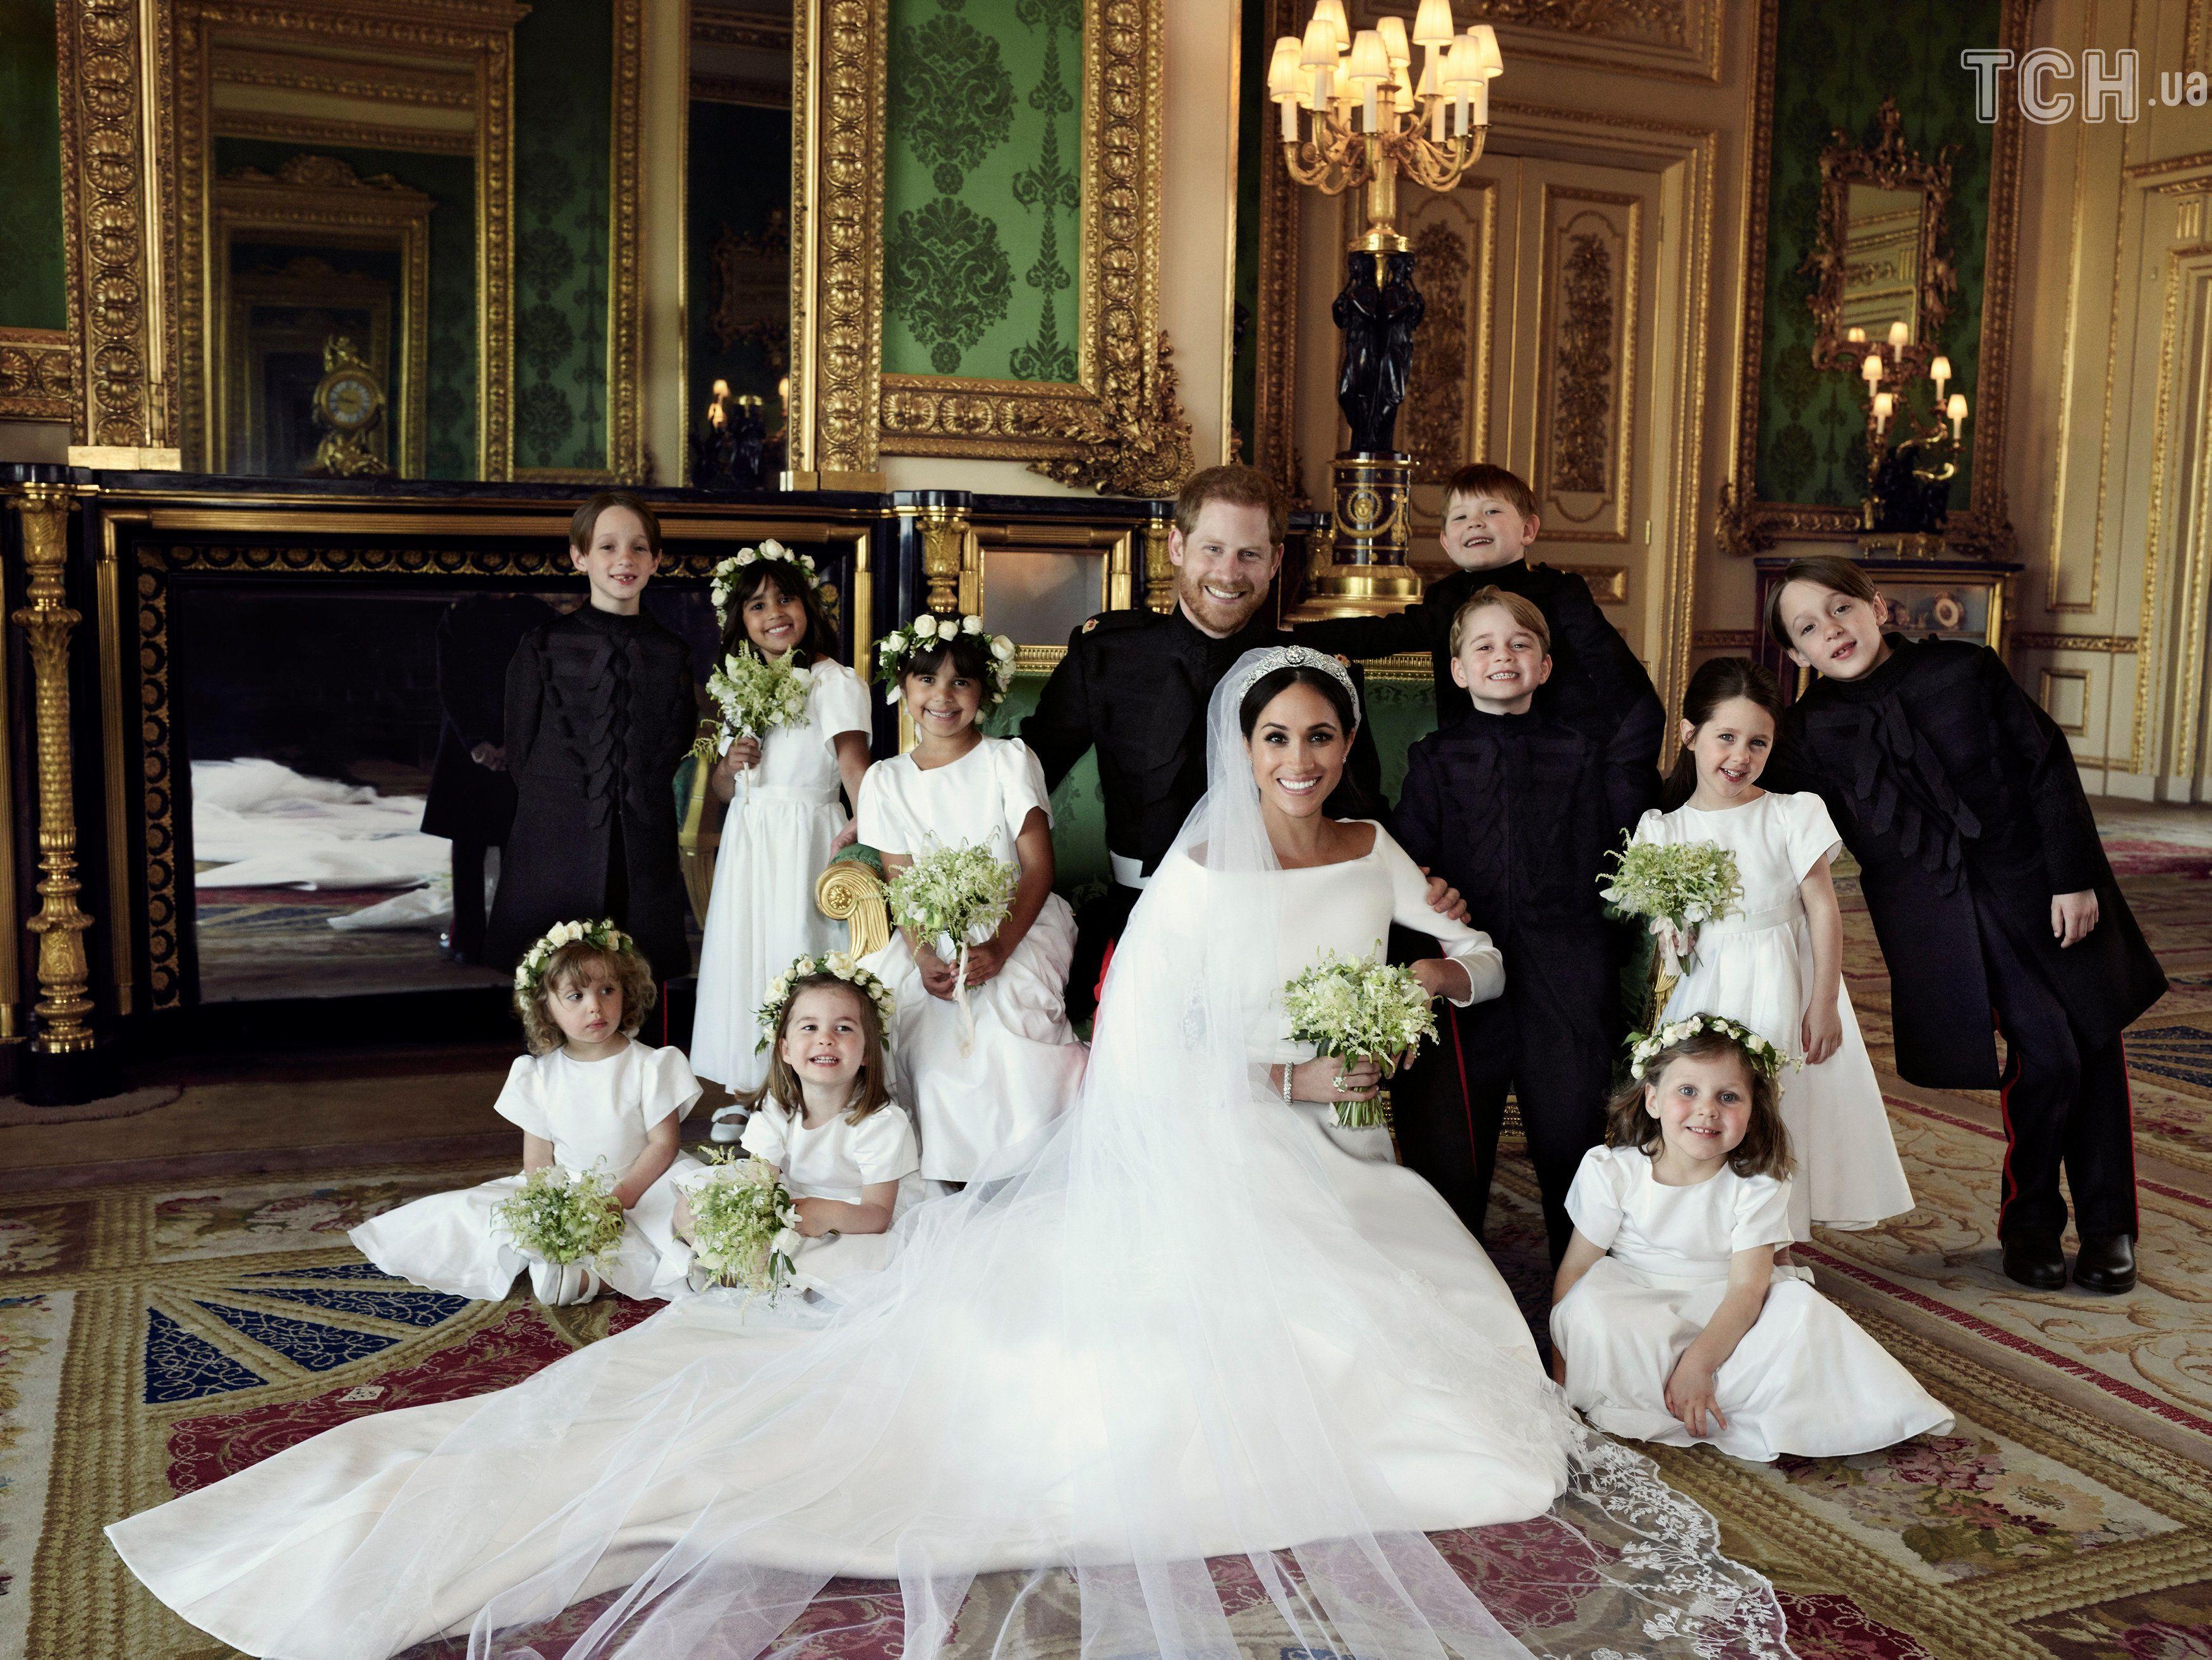 Принц Гаррі та Меган, перші весільні фото_2